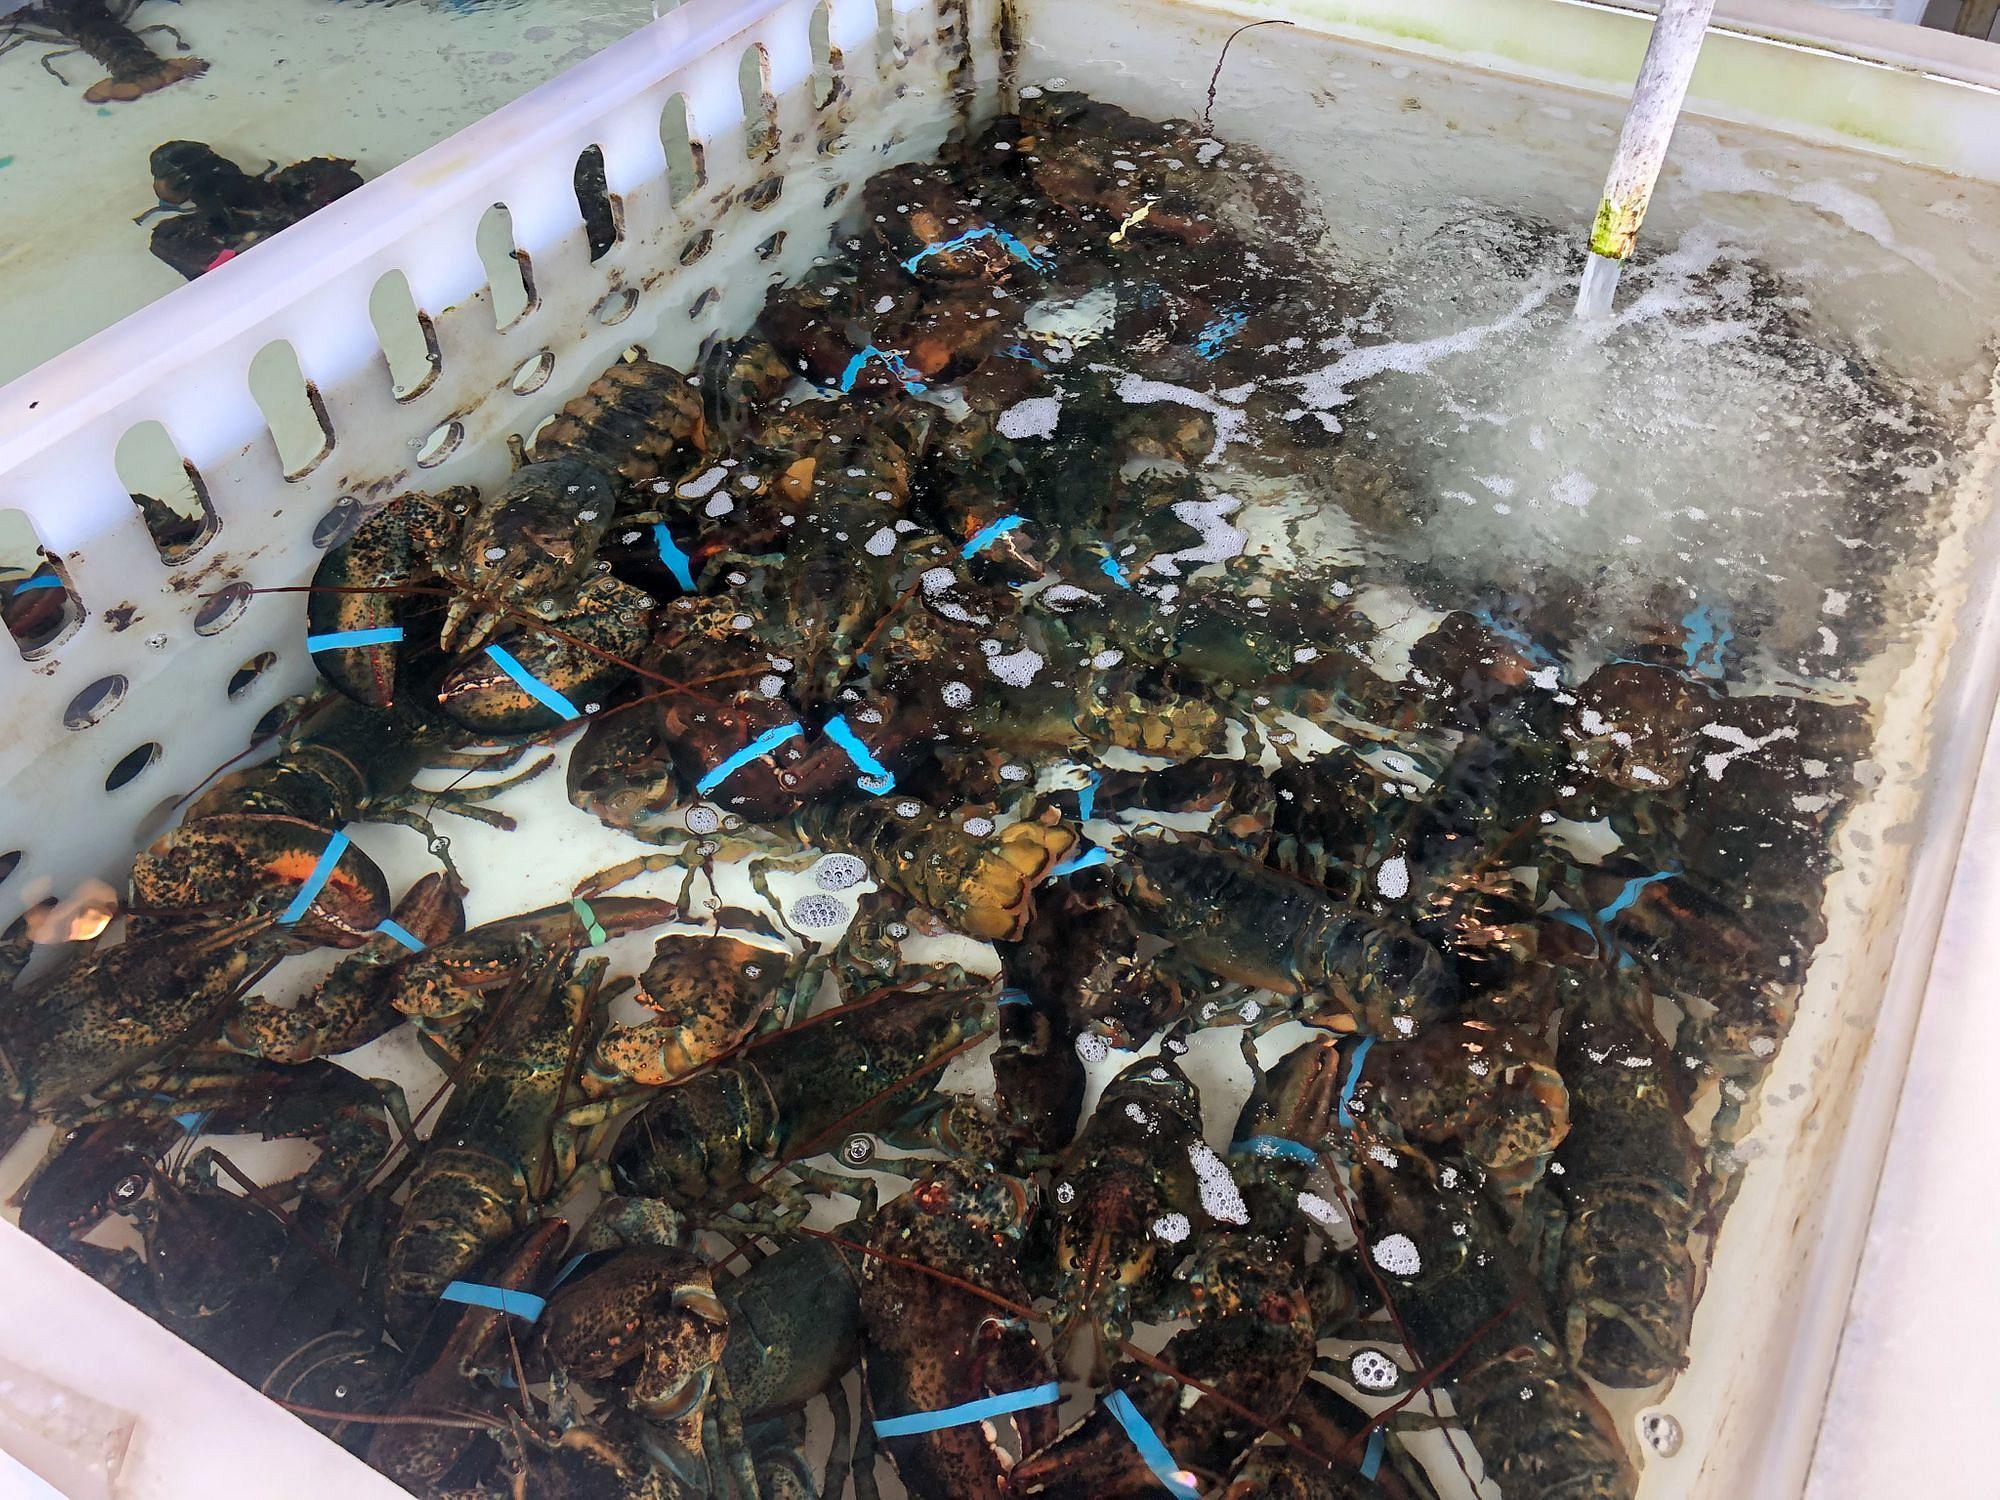 Bayleys Lobster Pound